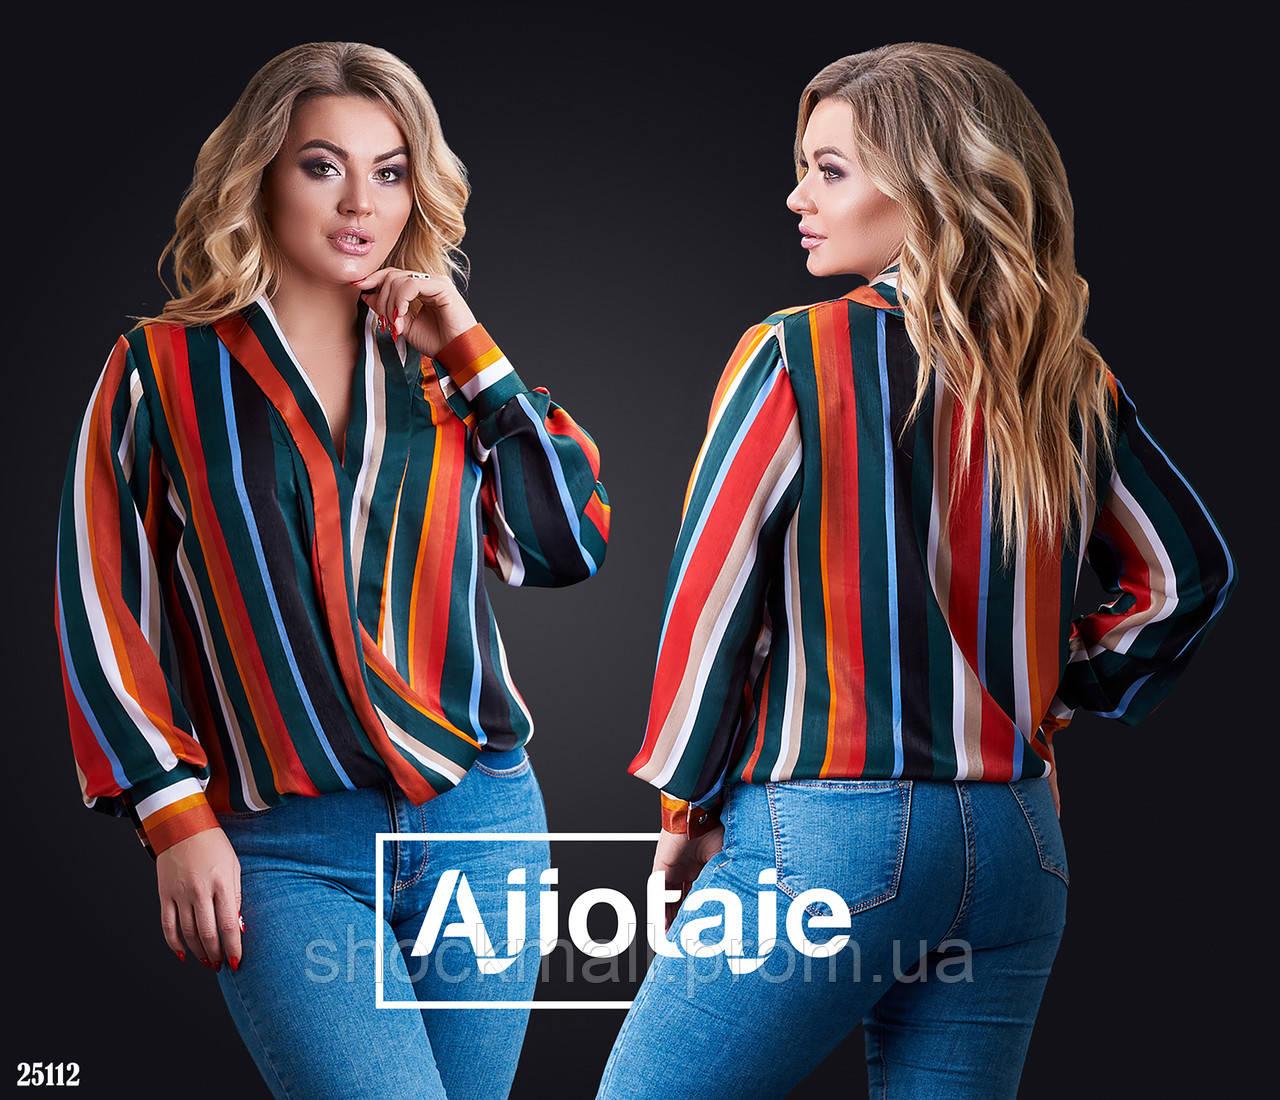 e7662f70cae Купить Полосатая блузка шелк армани большие размеры недорого